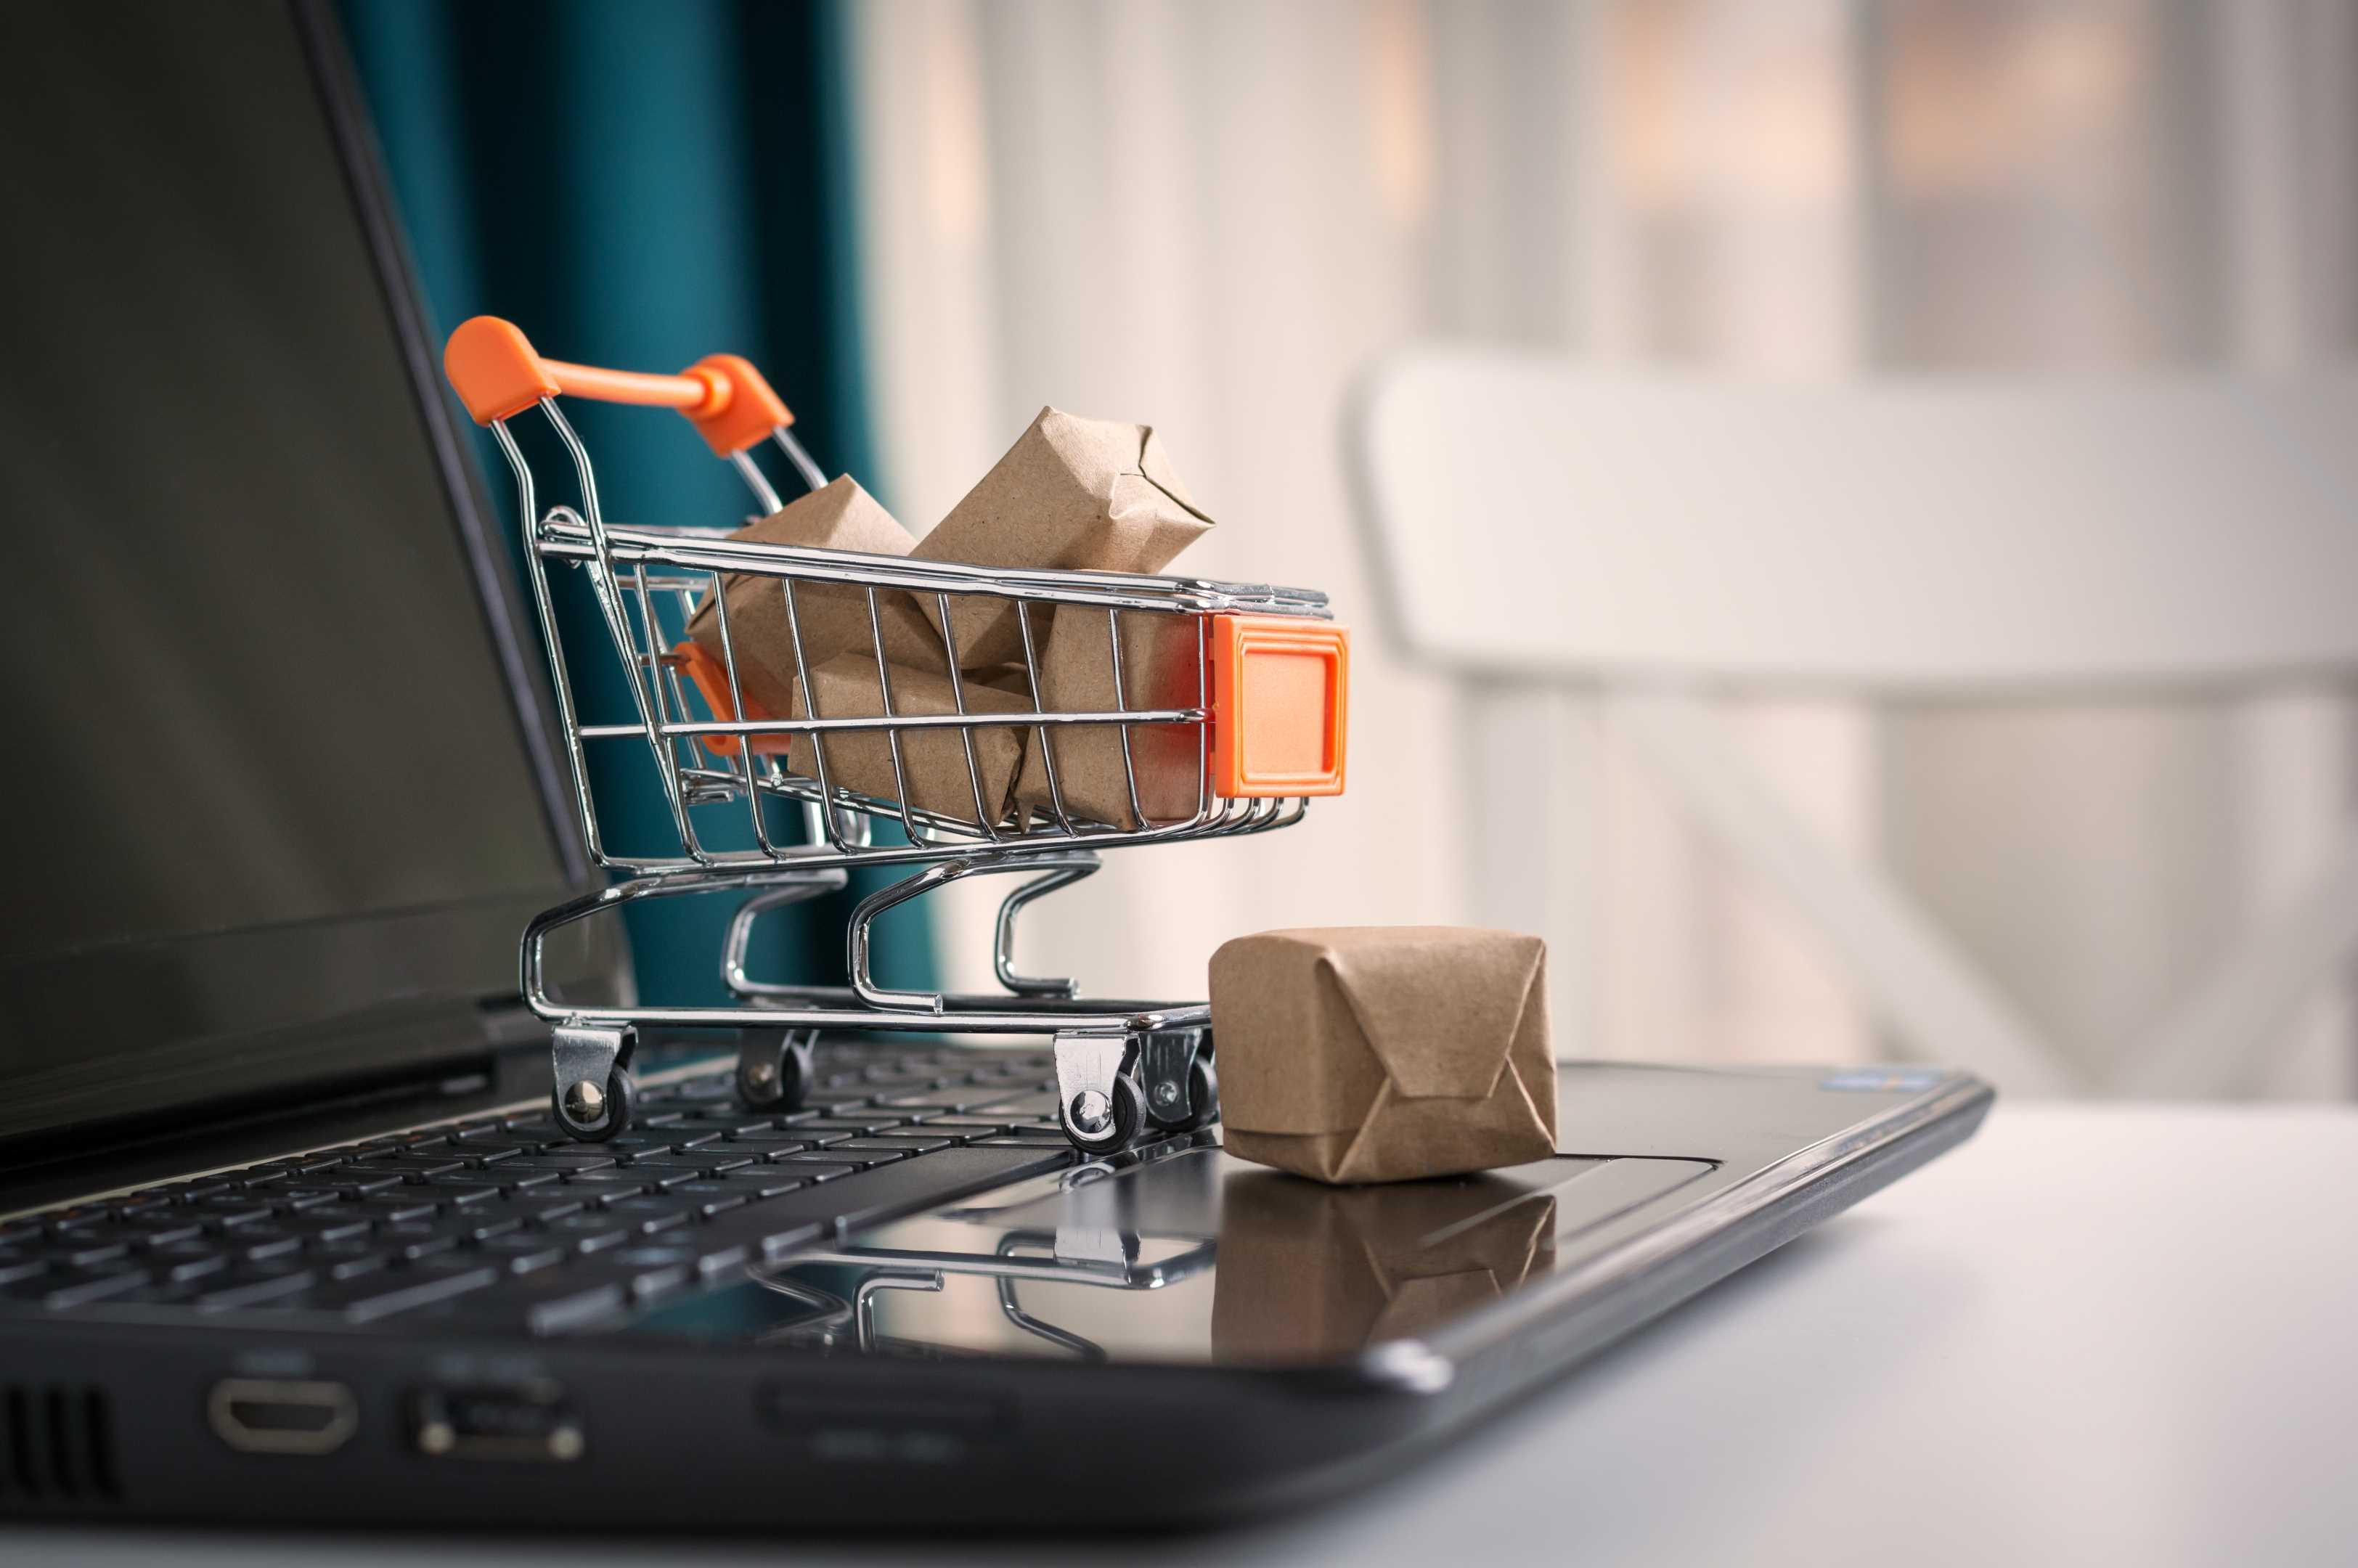 Что будет наиболее актуальным в e-commerce в 2020 году